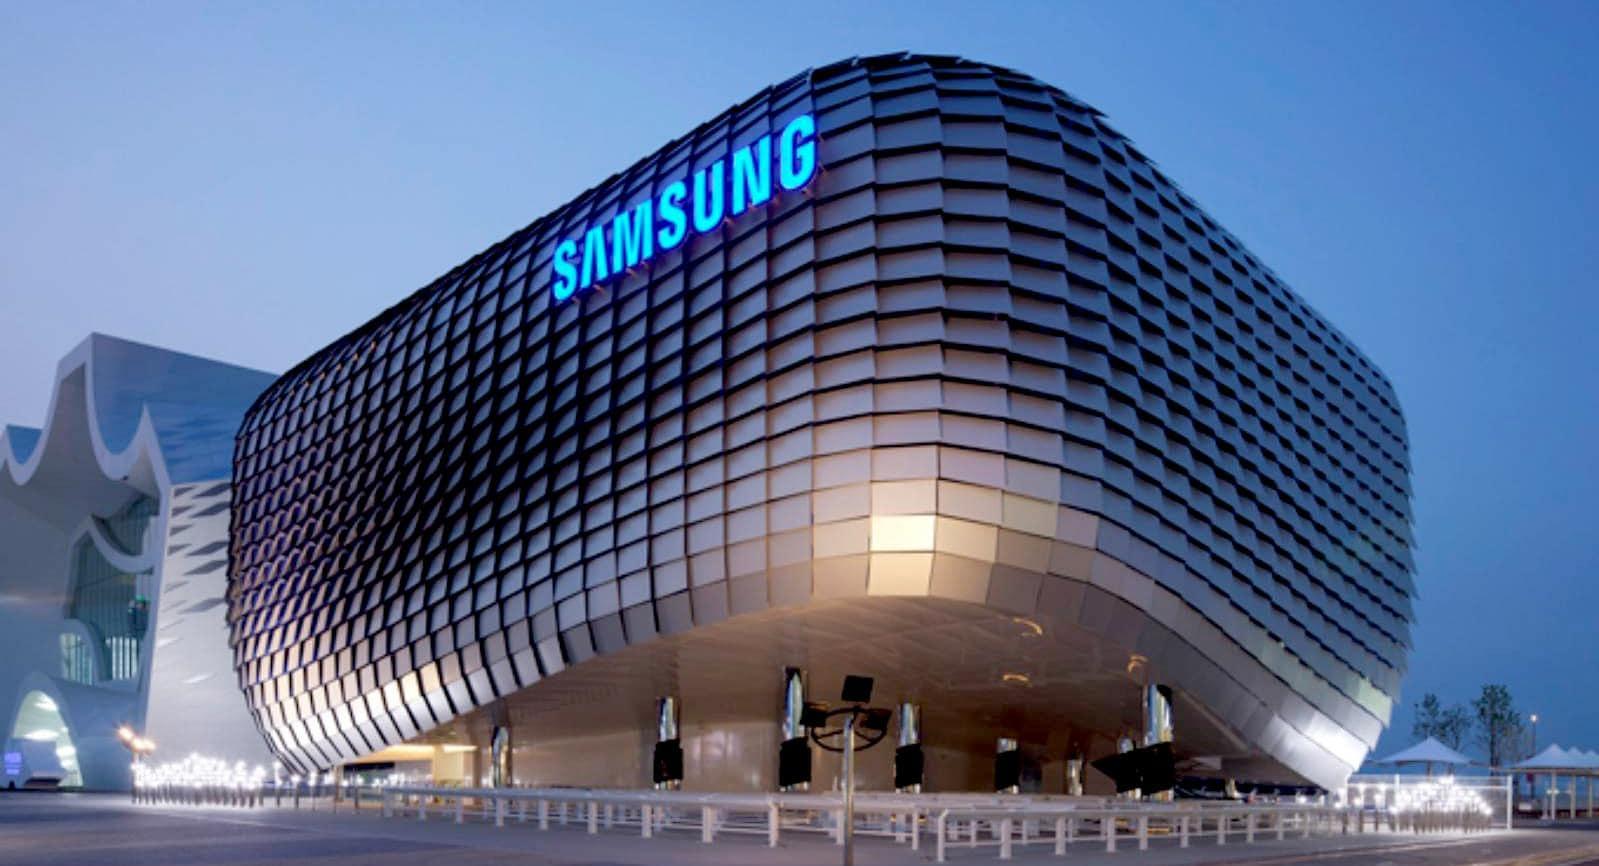 चीन को झटका, सैमसंग यूपी में लगाएगी  मोबाइल डिस्प्ले यूनिट